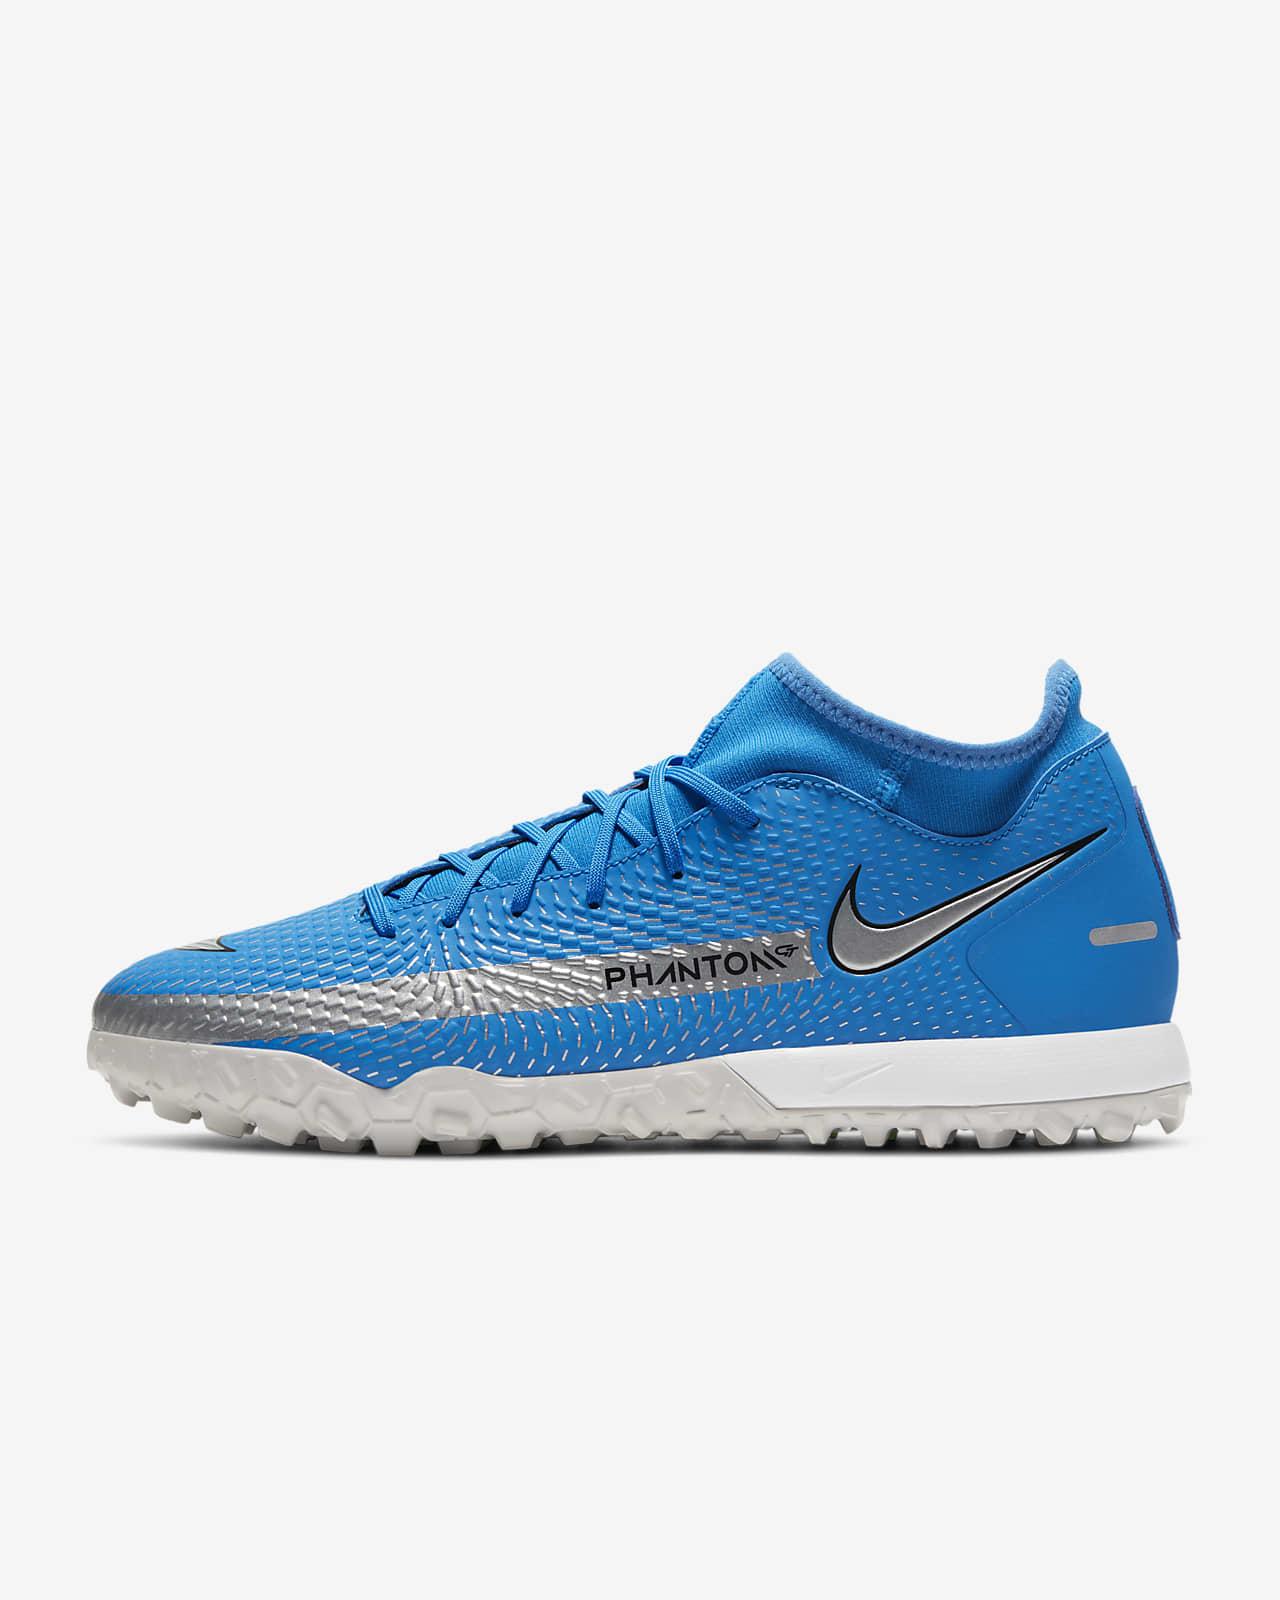 Nike Phantom GT Academy Dynamic Fit TF 人工短草草皮足球鞋